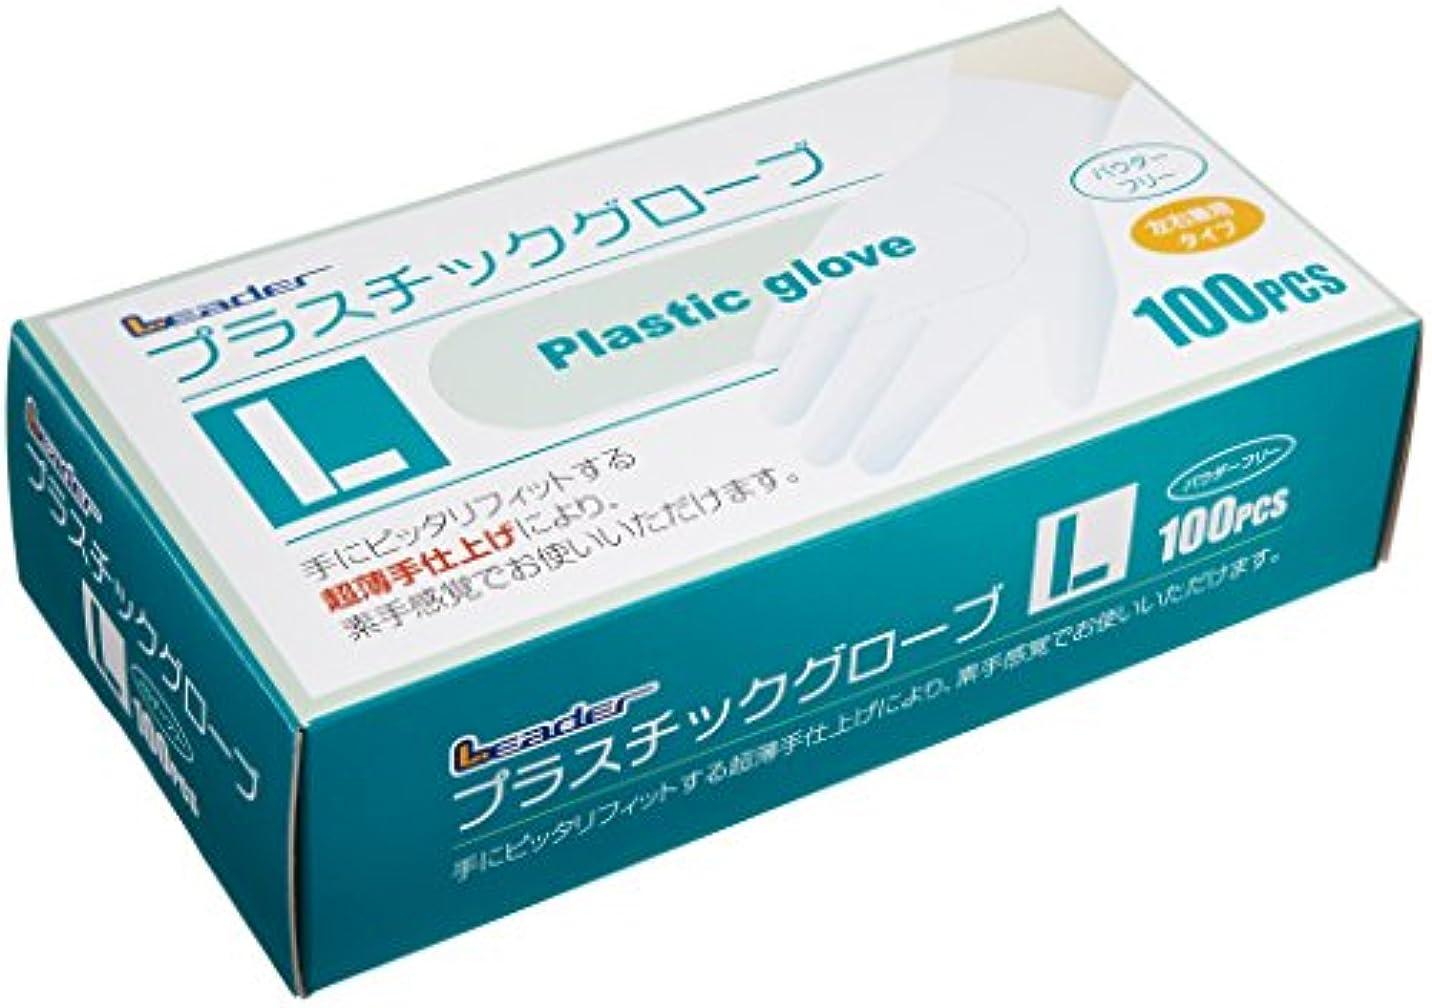 吸い込むストリップ配列リーダー プラスチックグローブ Lサイズ 100枚入